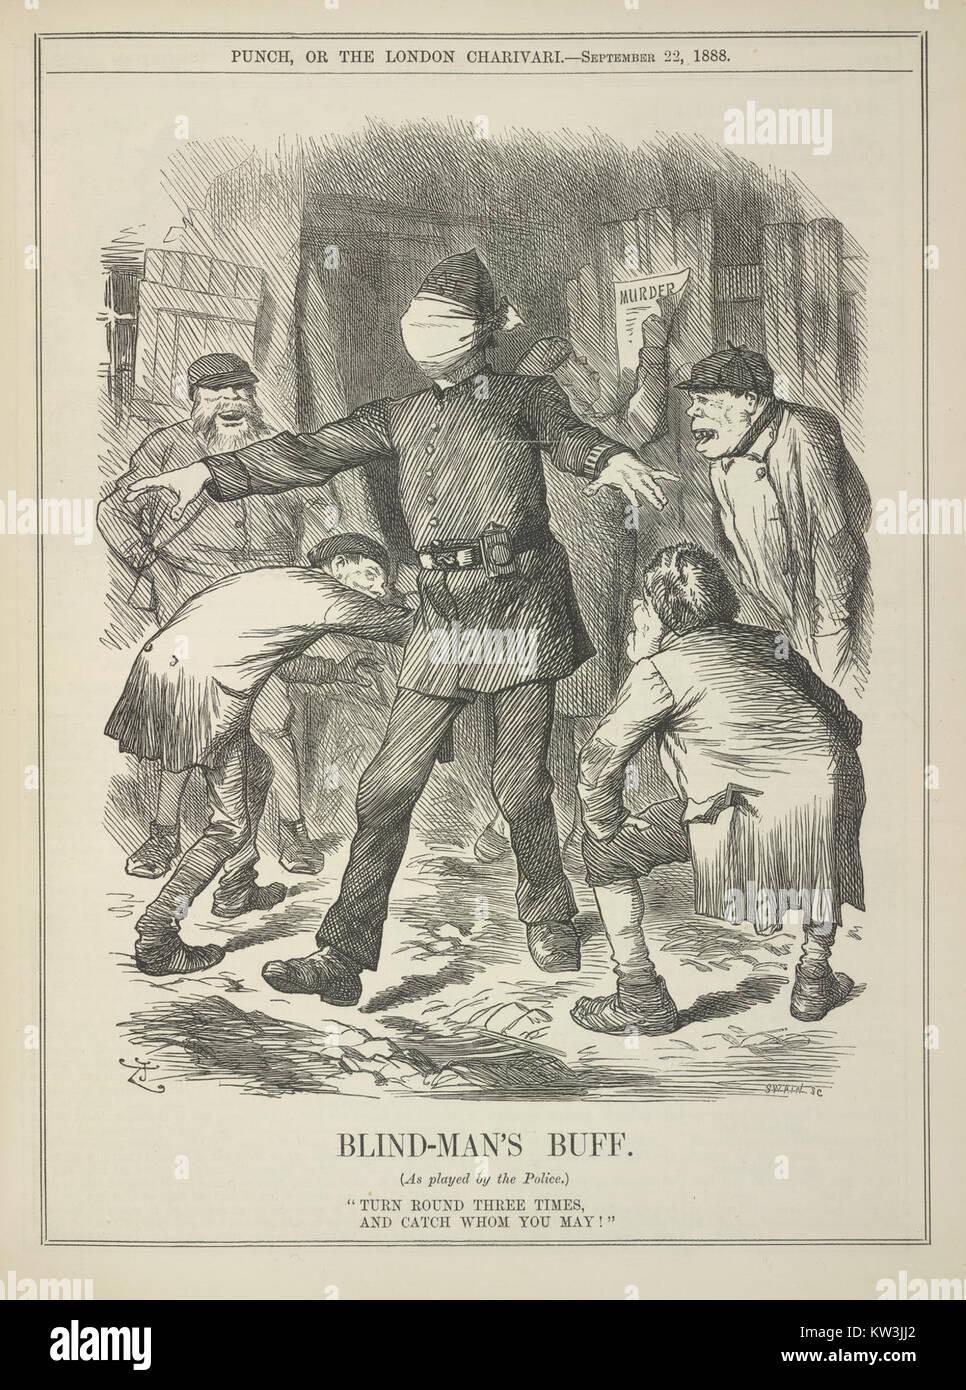 blind-mans-buff-punch-22-september-1888-